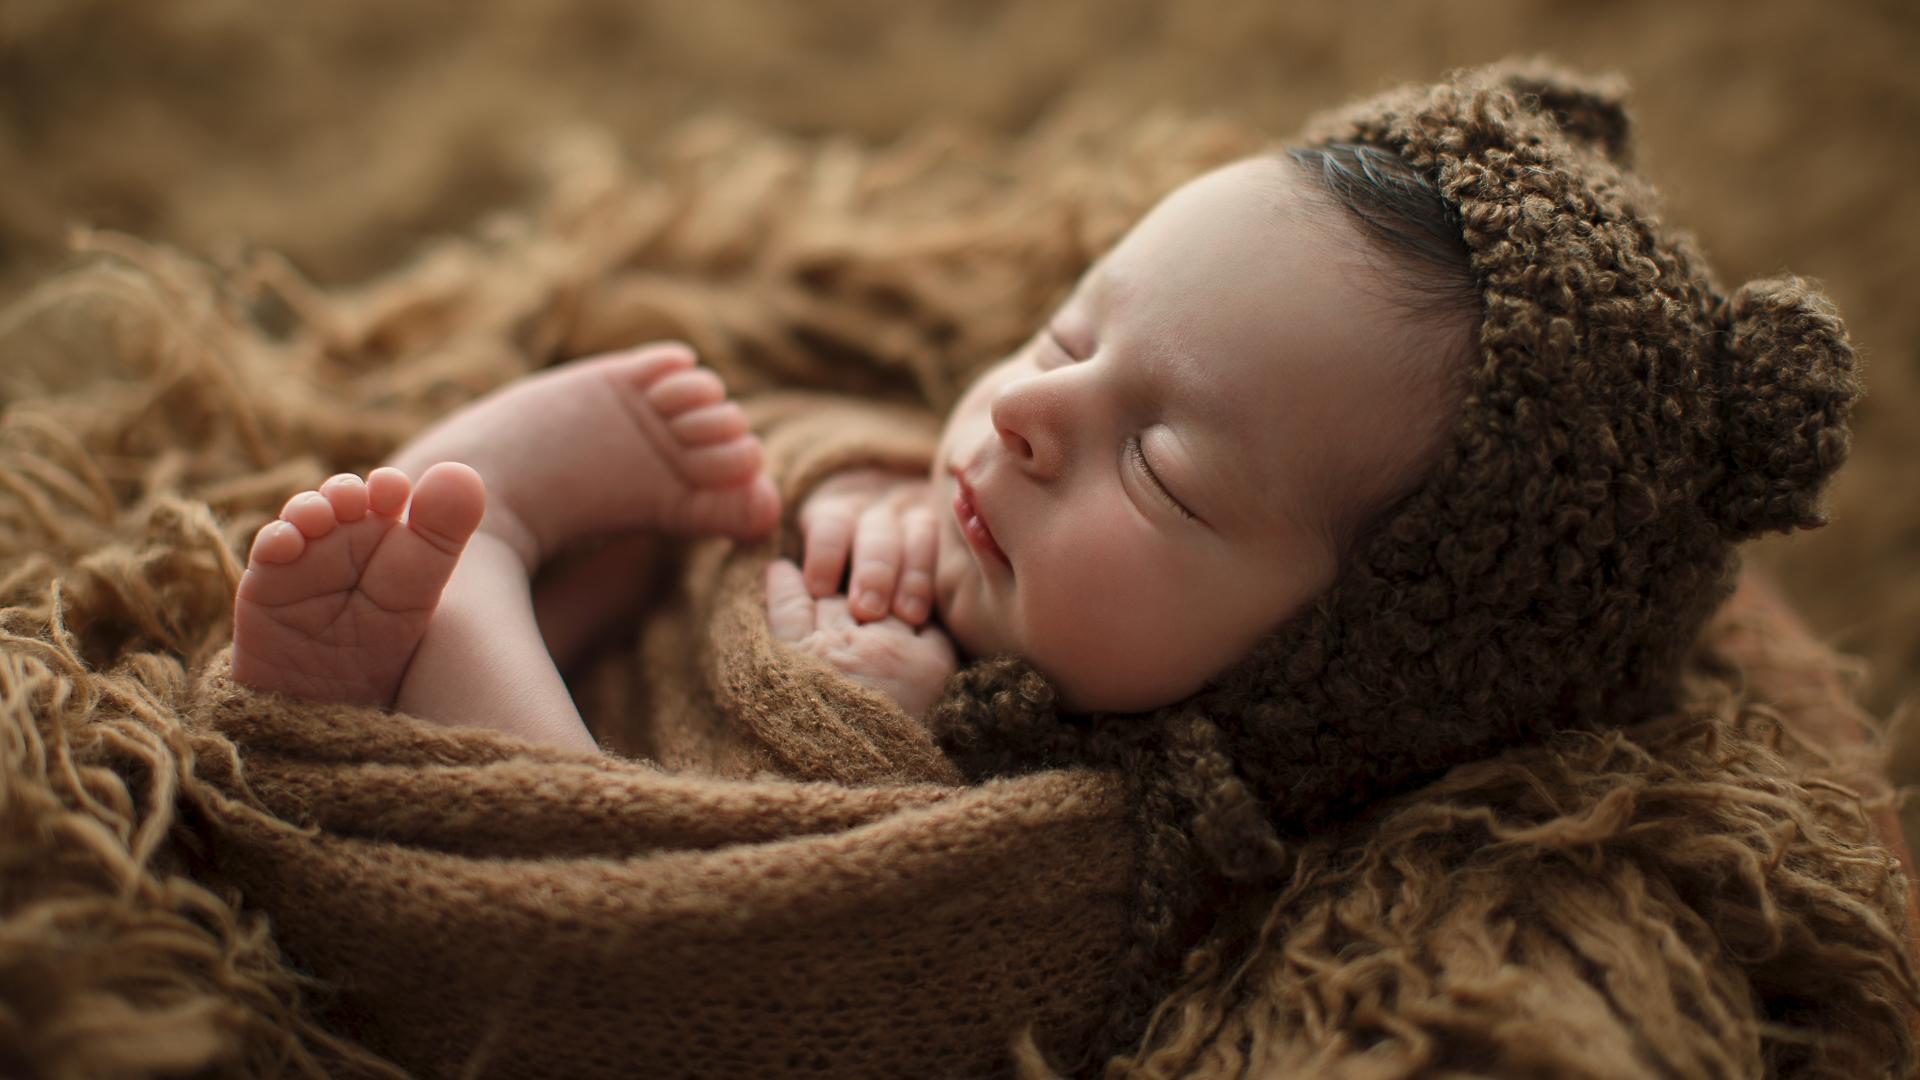 Contate Fotografa de Newborn SC - Viviana Vaca Diez - Santa Cruz